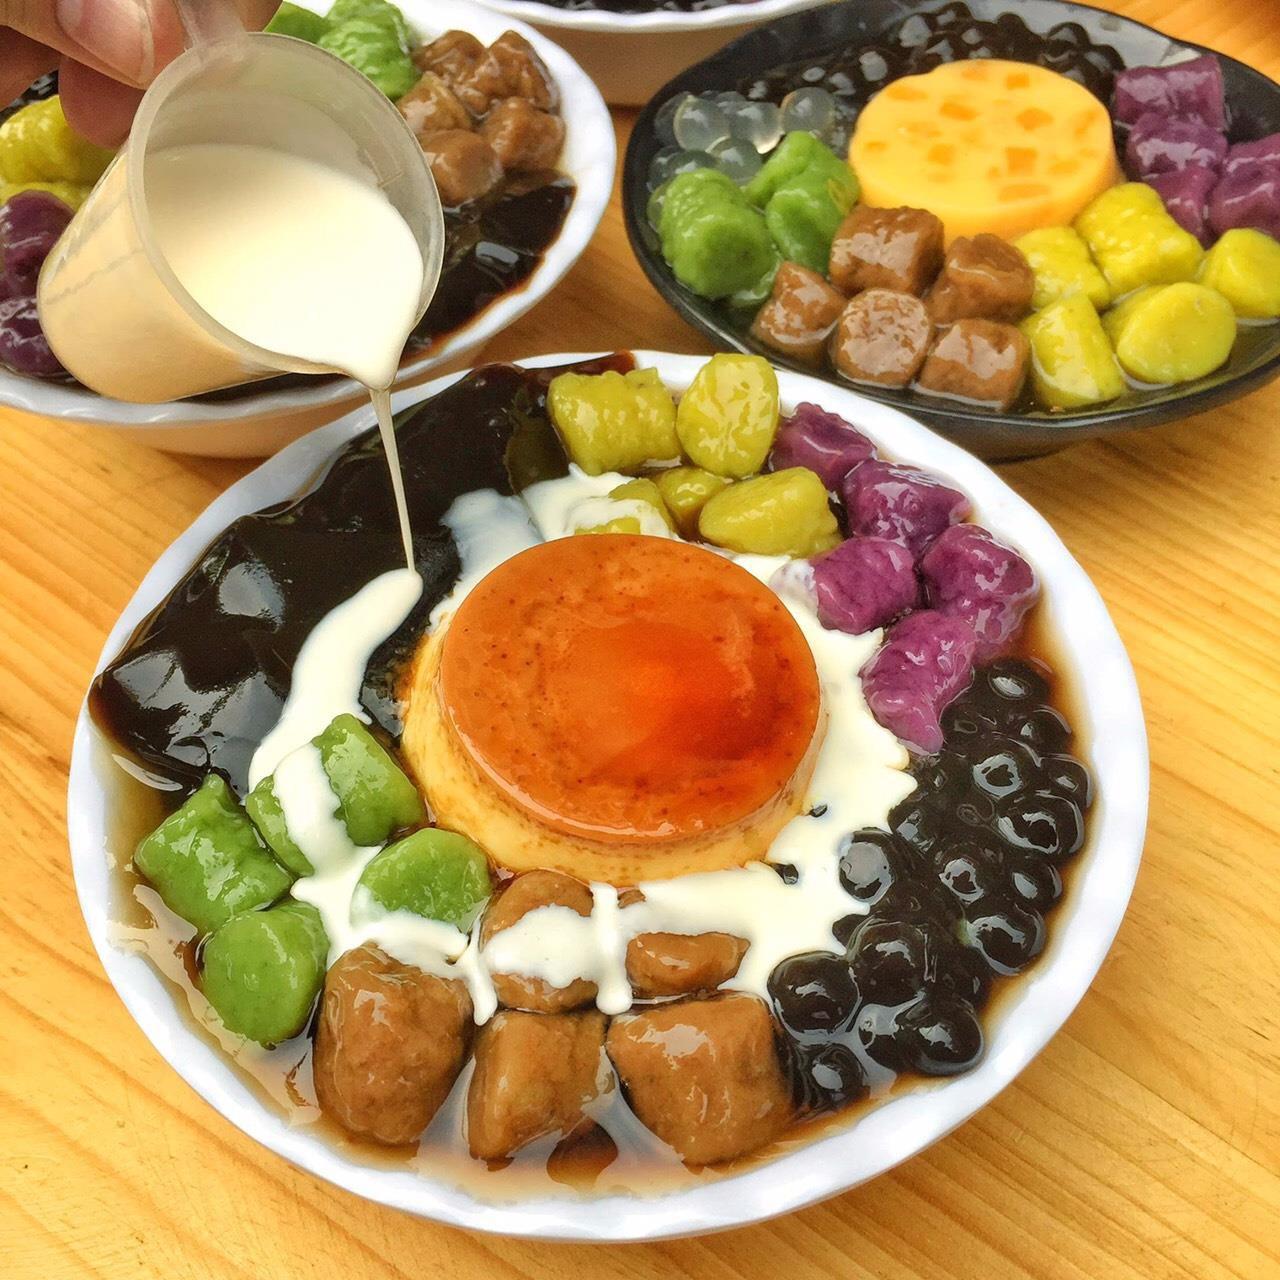 Thiên đường chè khoai dẻo và đồ ăn vặt siêu ngon tại Chick Garden - Ảnh 1.